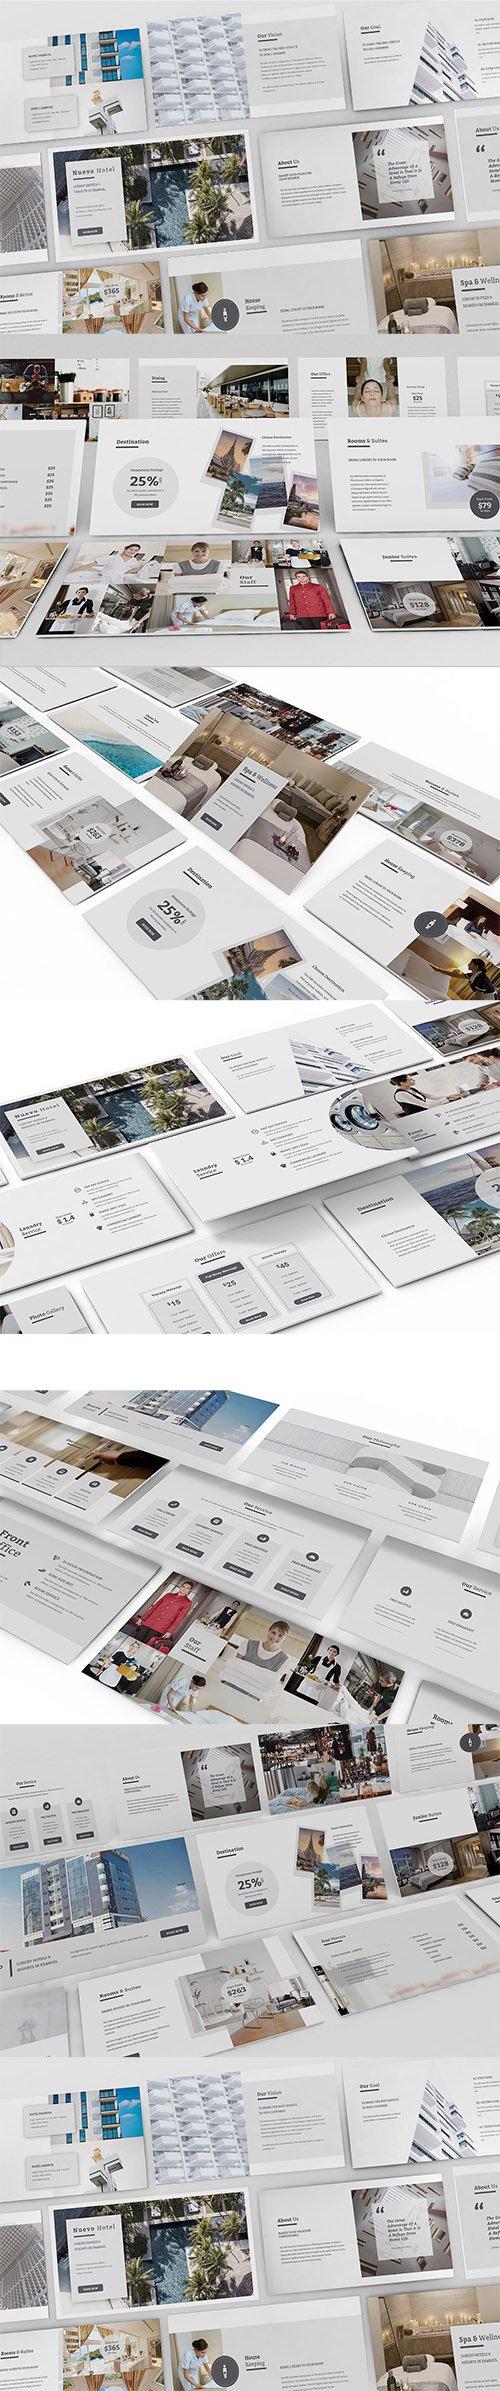 Hotel Powerpoint Presentation